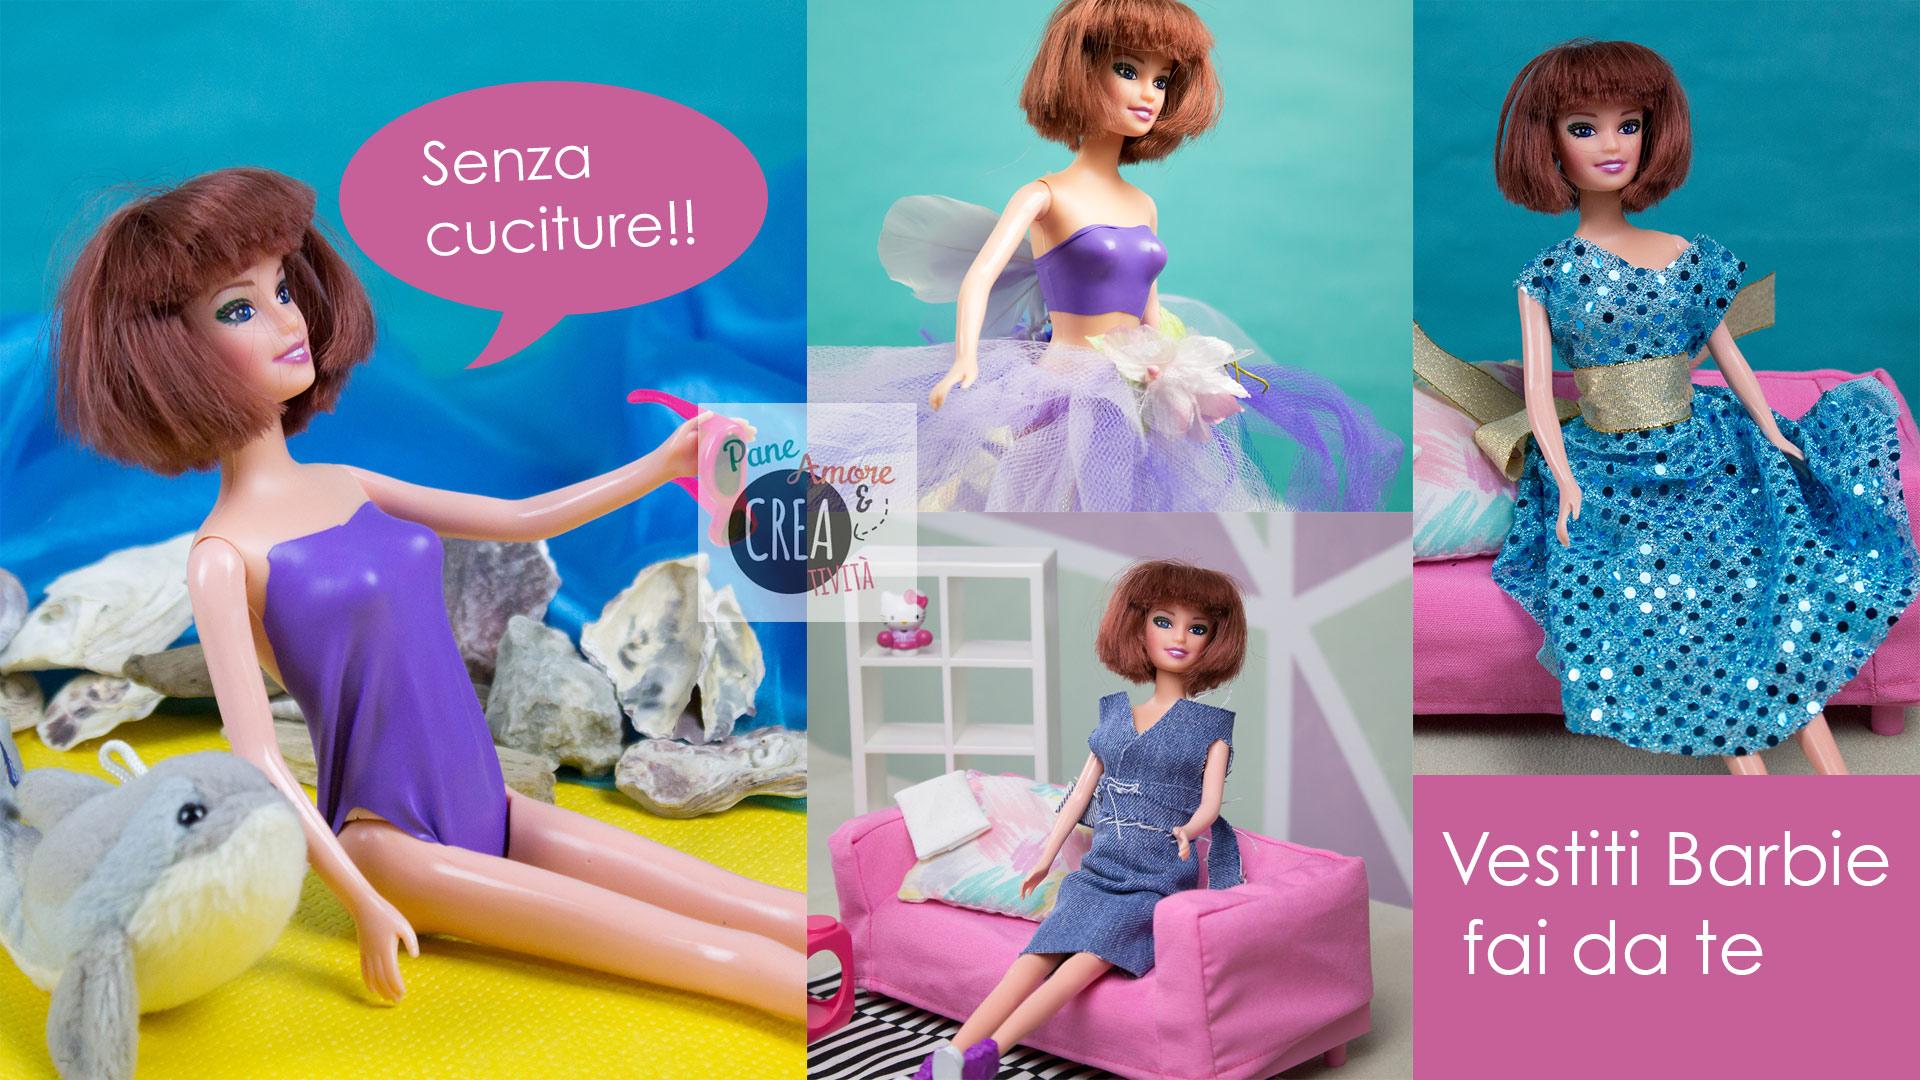 Come fare i vestiti per Barbie senza cuciture  4 modelli da copiare ... b5a40d6f1a2